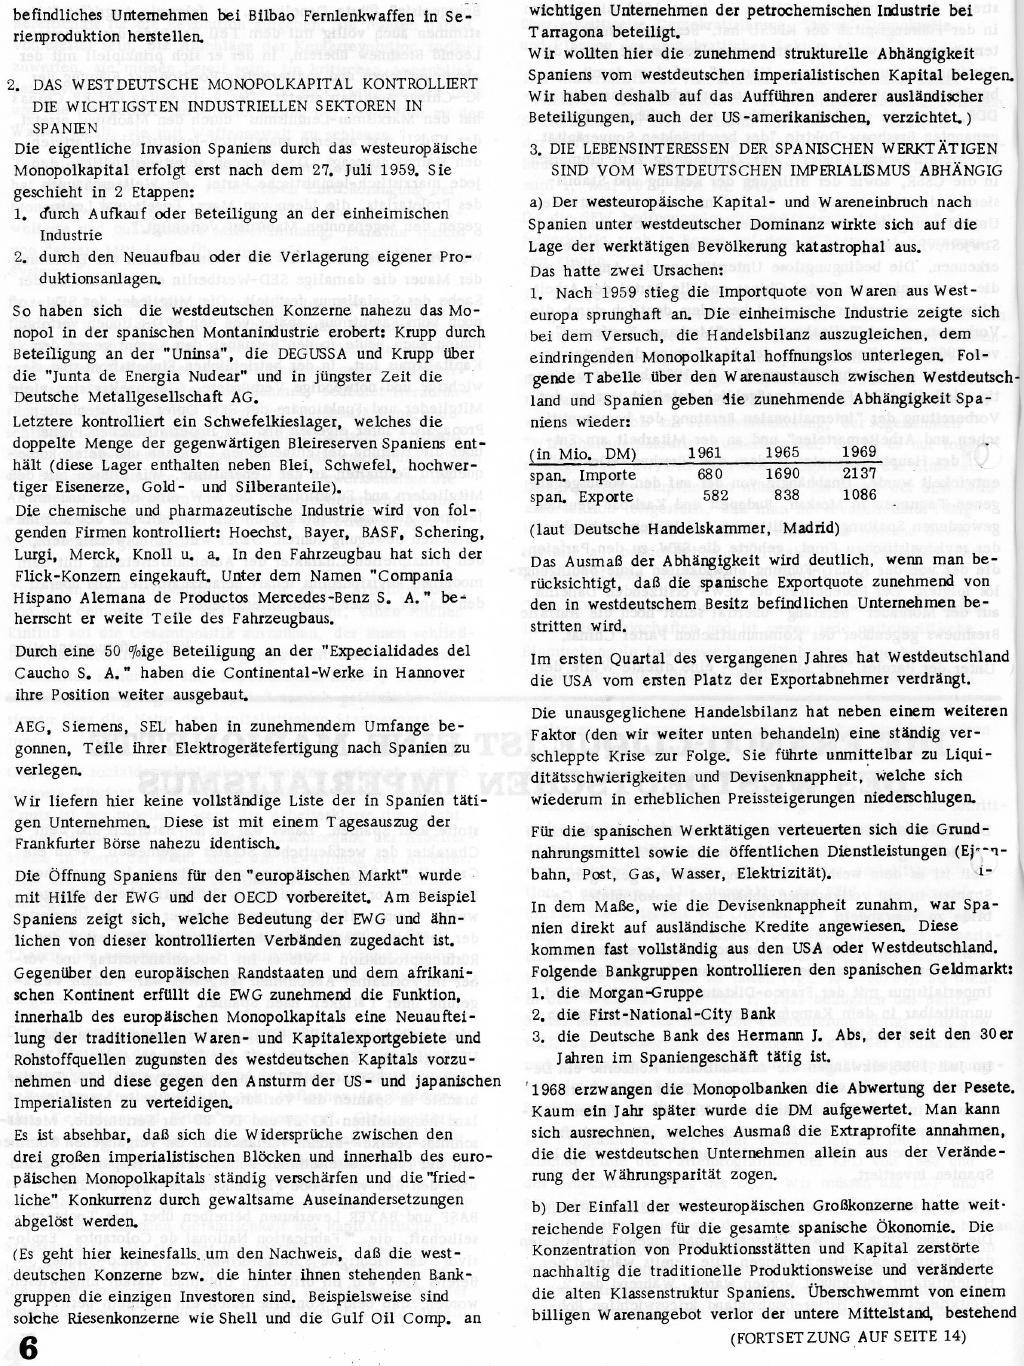 RPK_1971_100_06